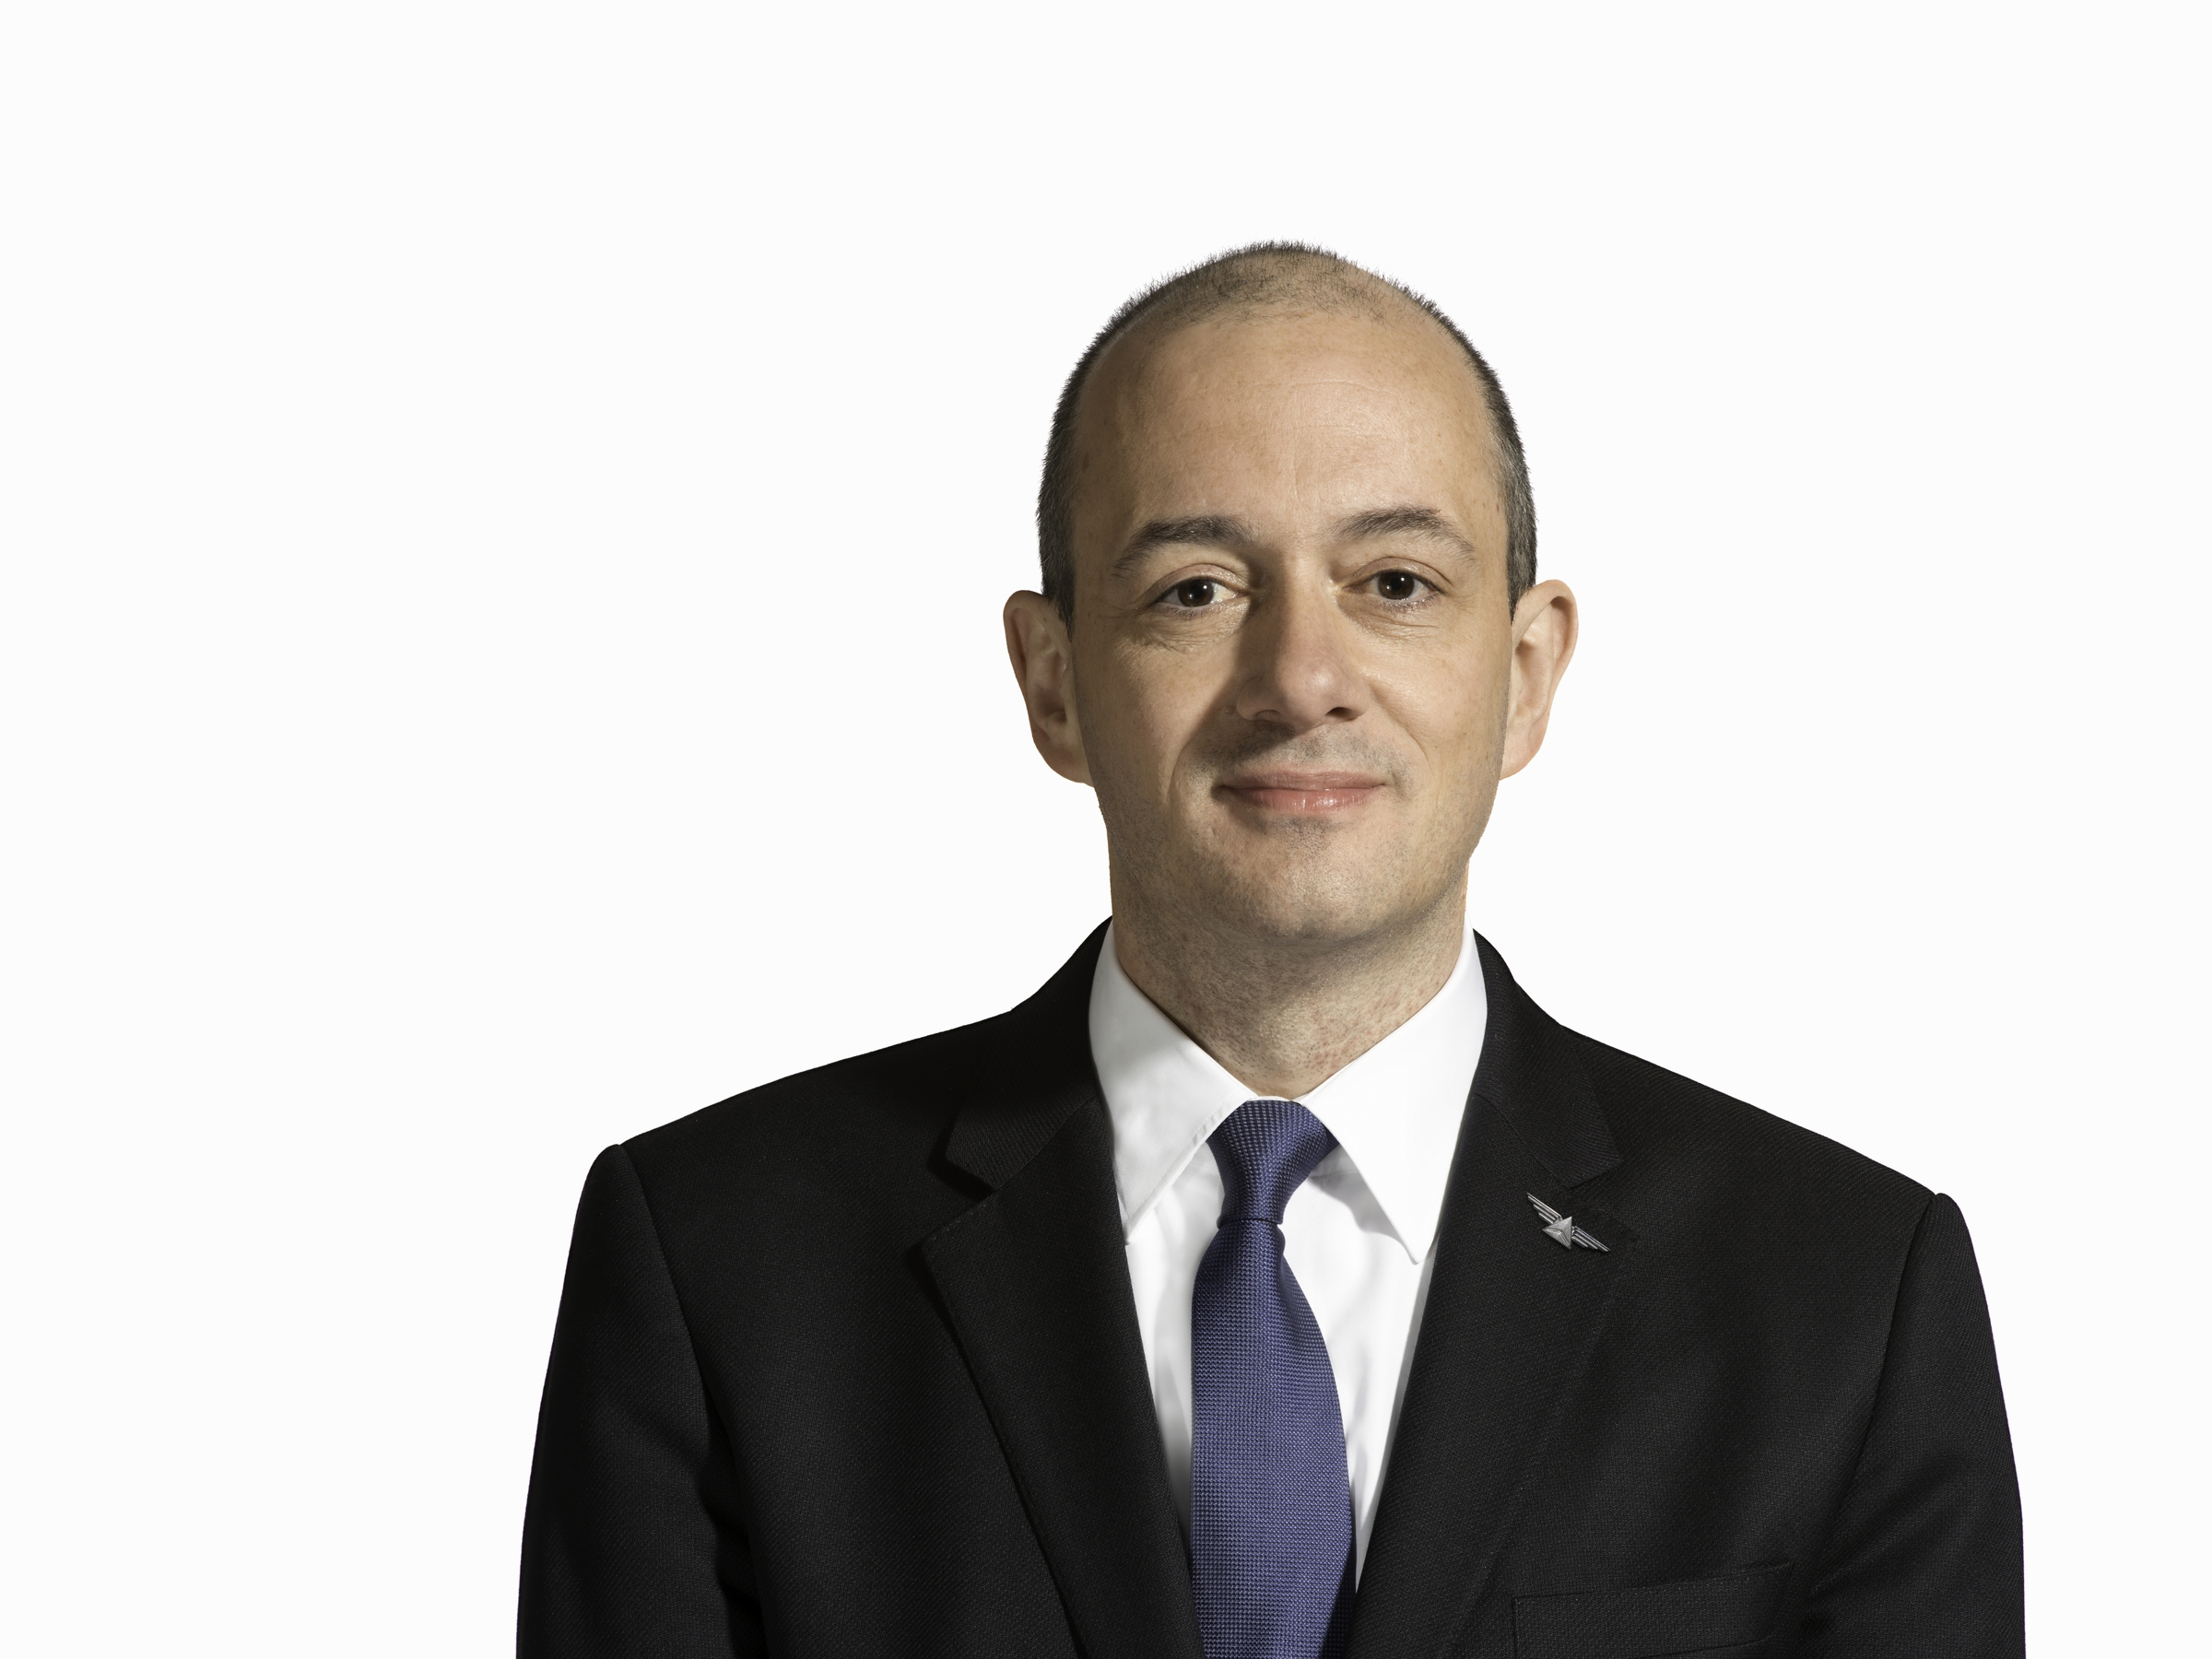 Nicolas Ferri